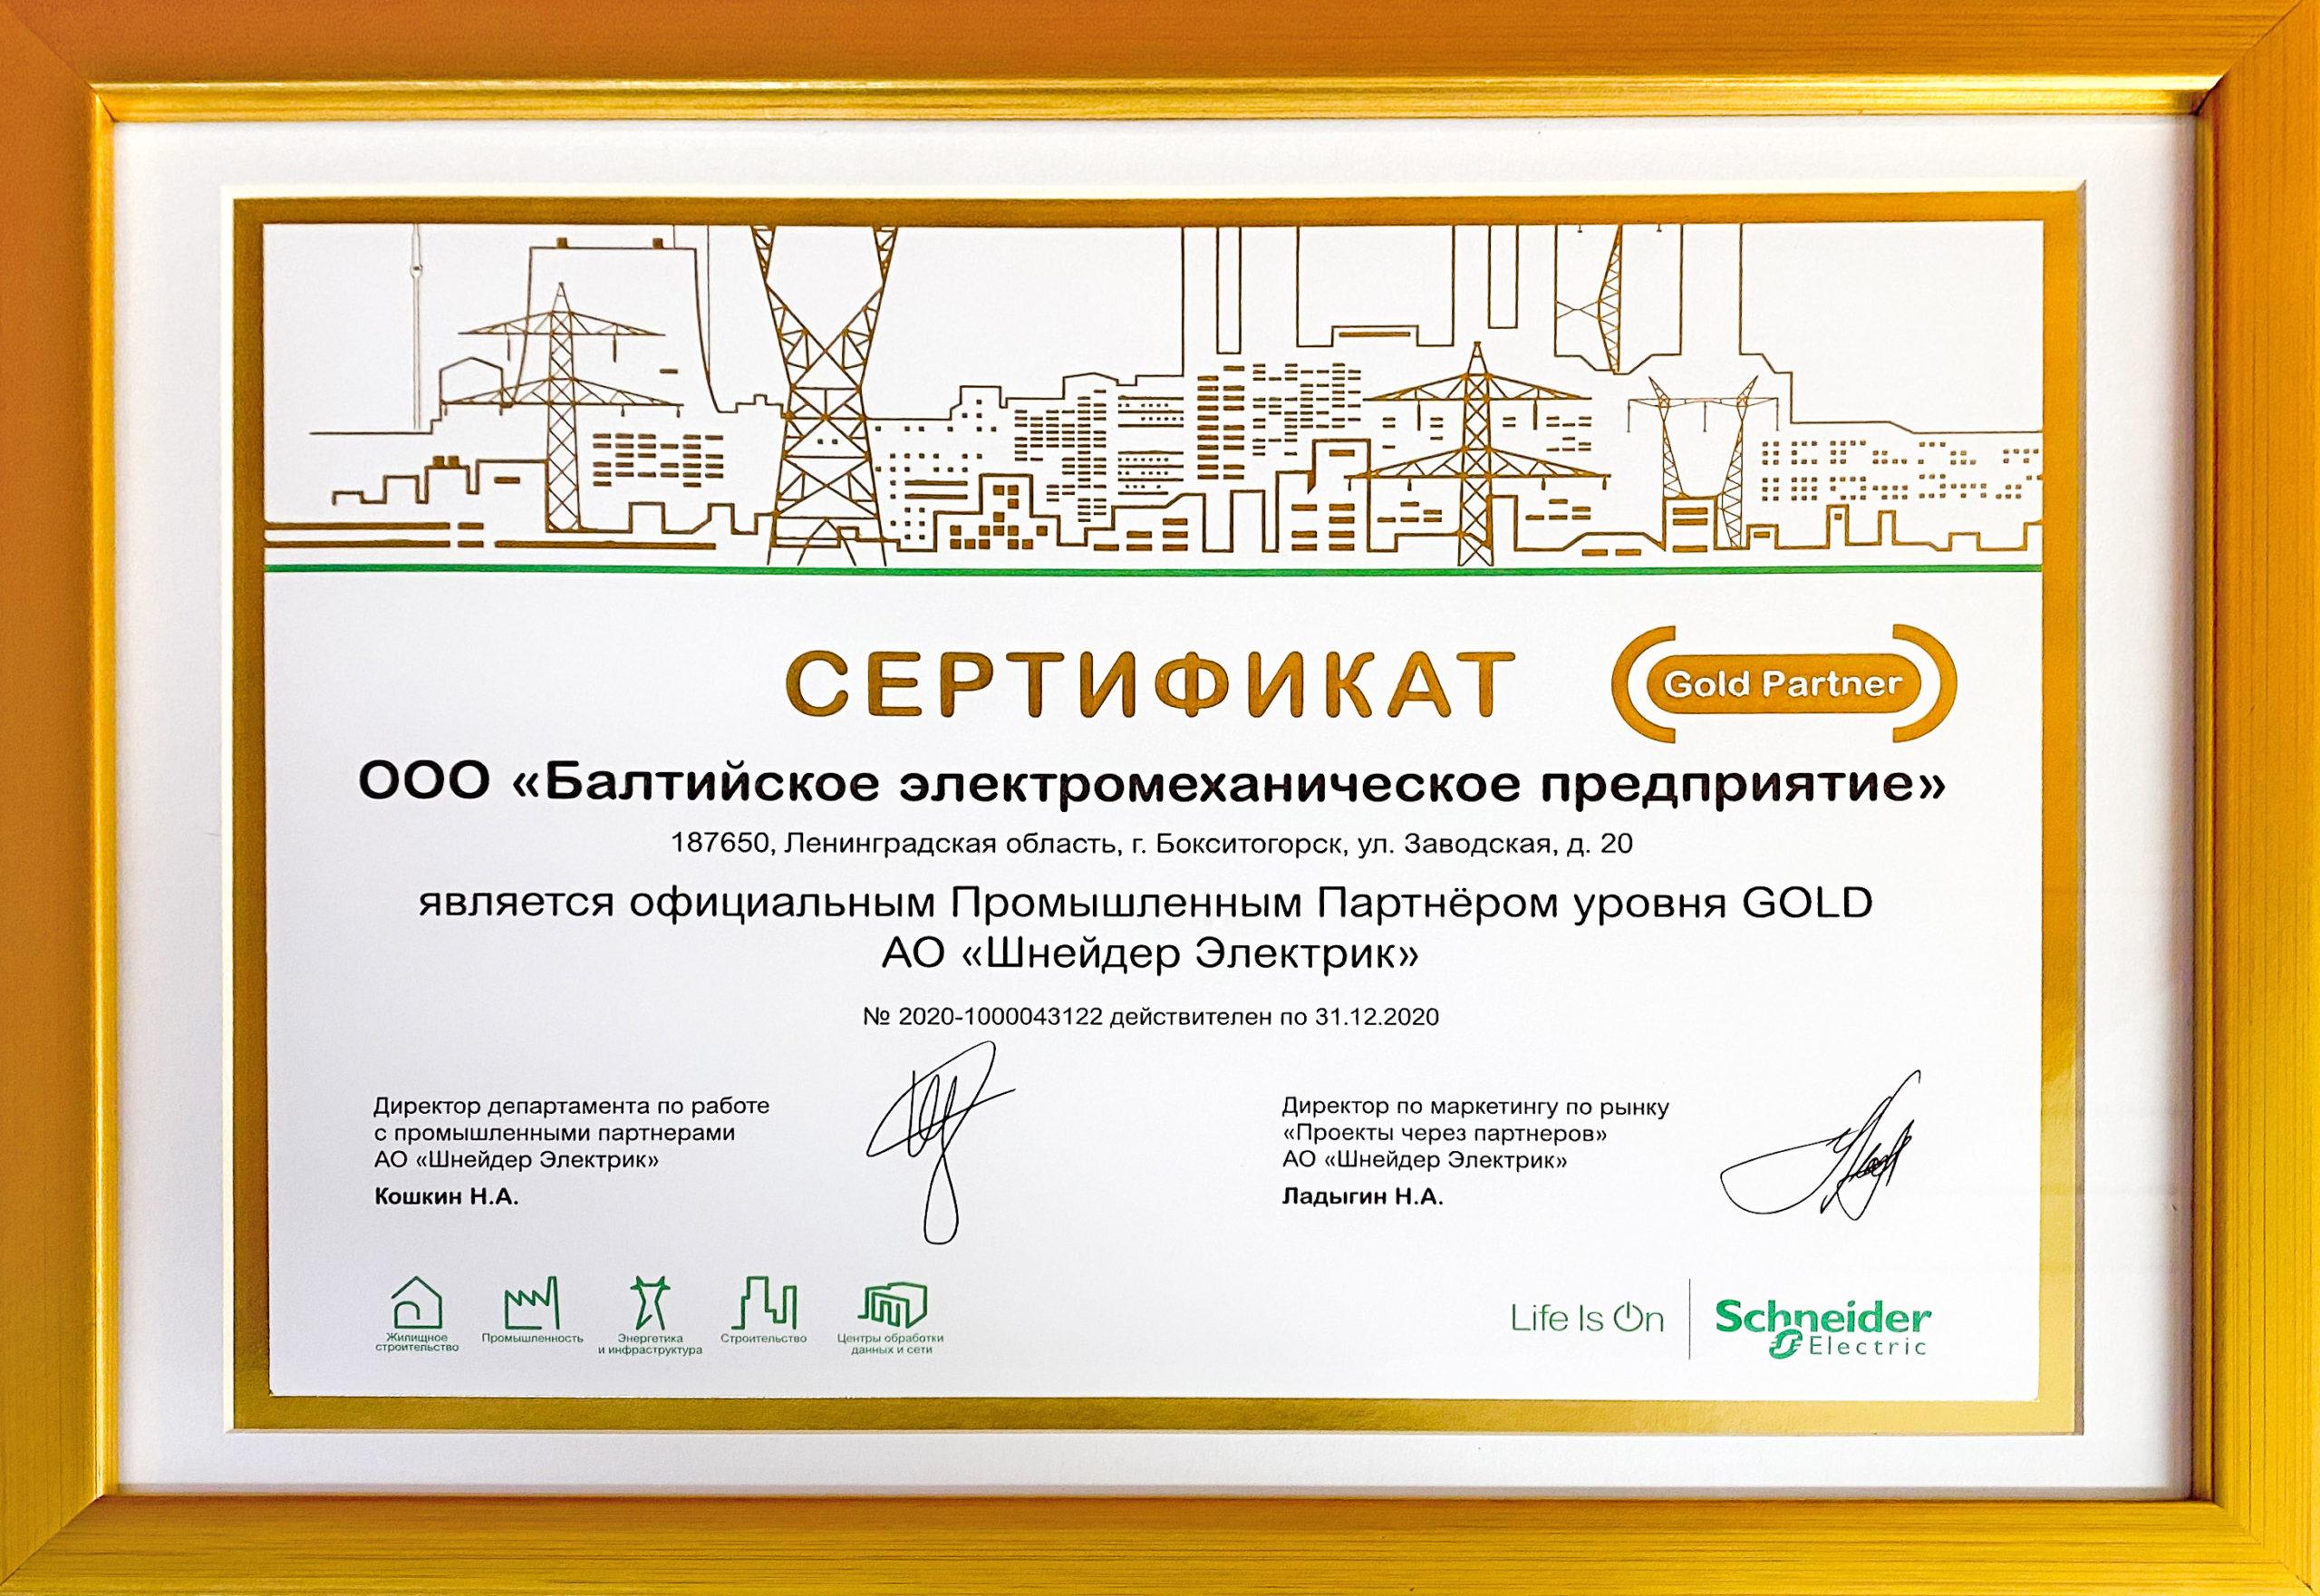 oficialnoe-promyshlennoe-partnerstvo-s-schneider-electric-bemp-3840